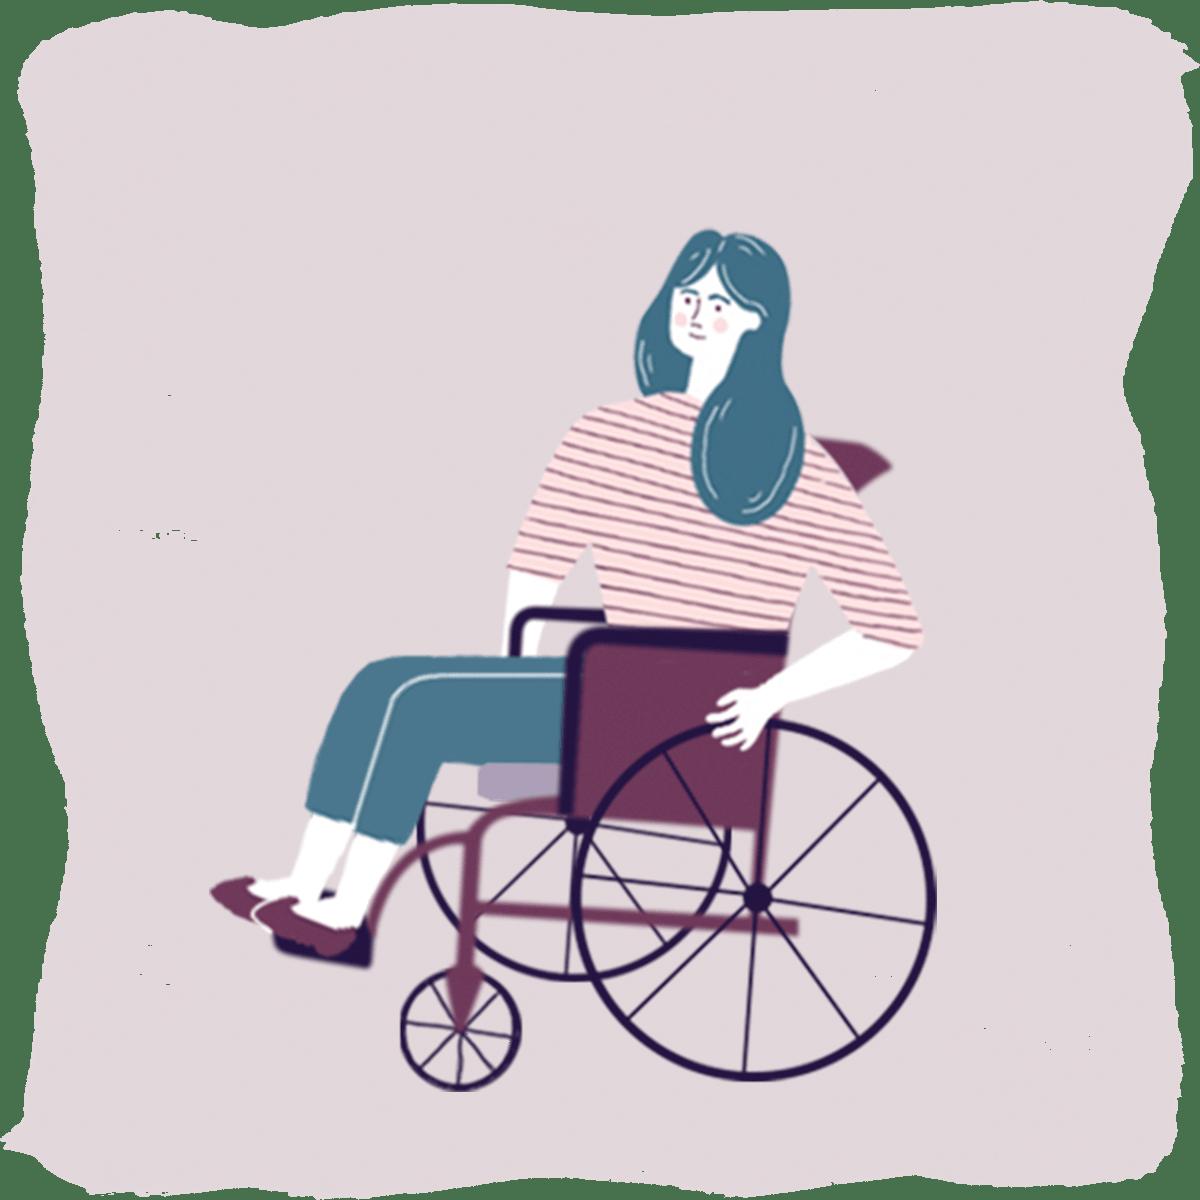 Quienes - Discapacitados